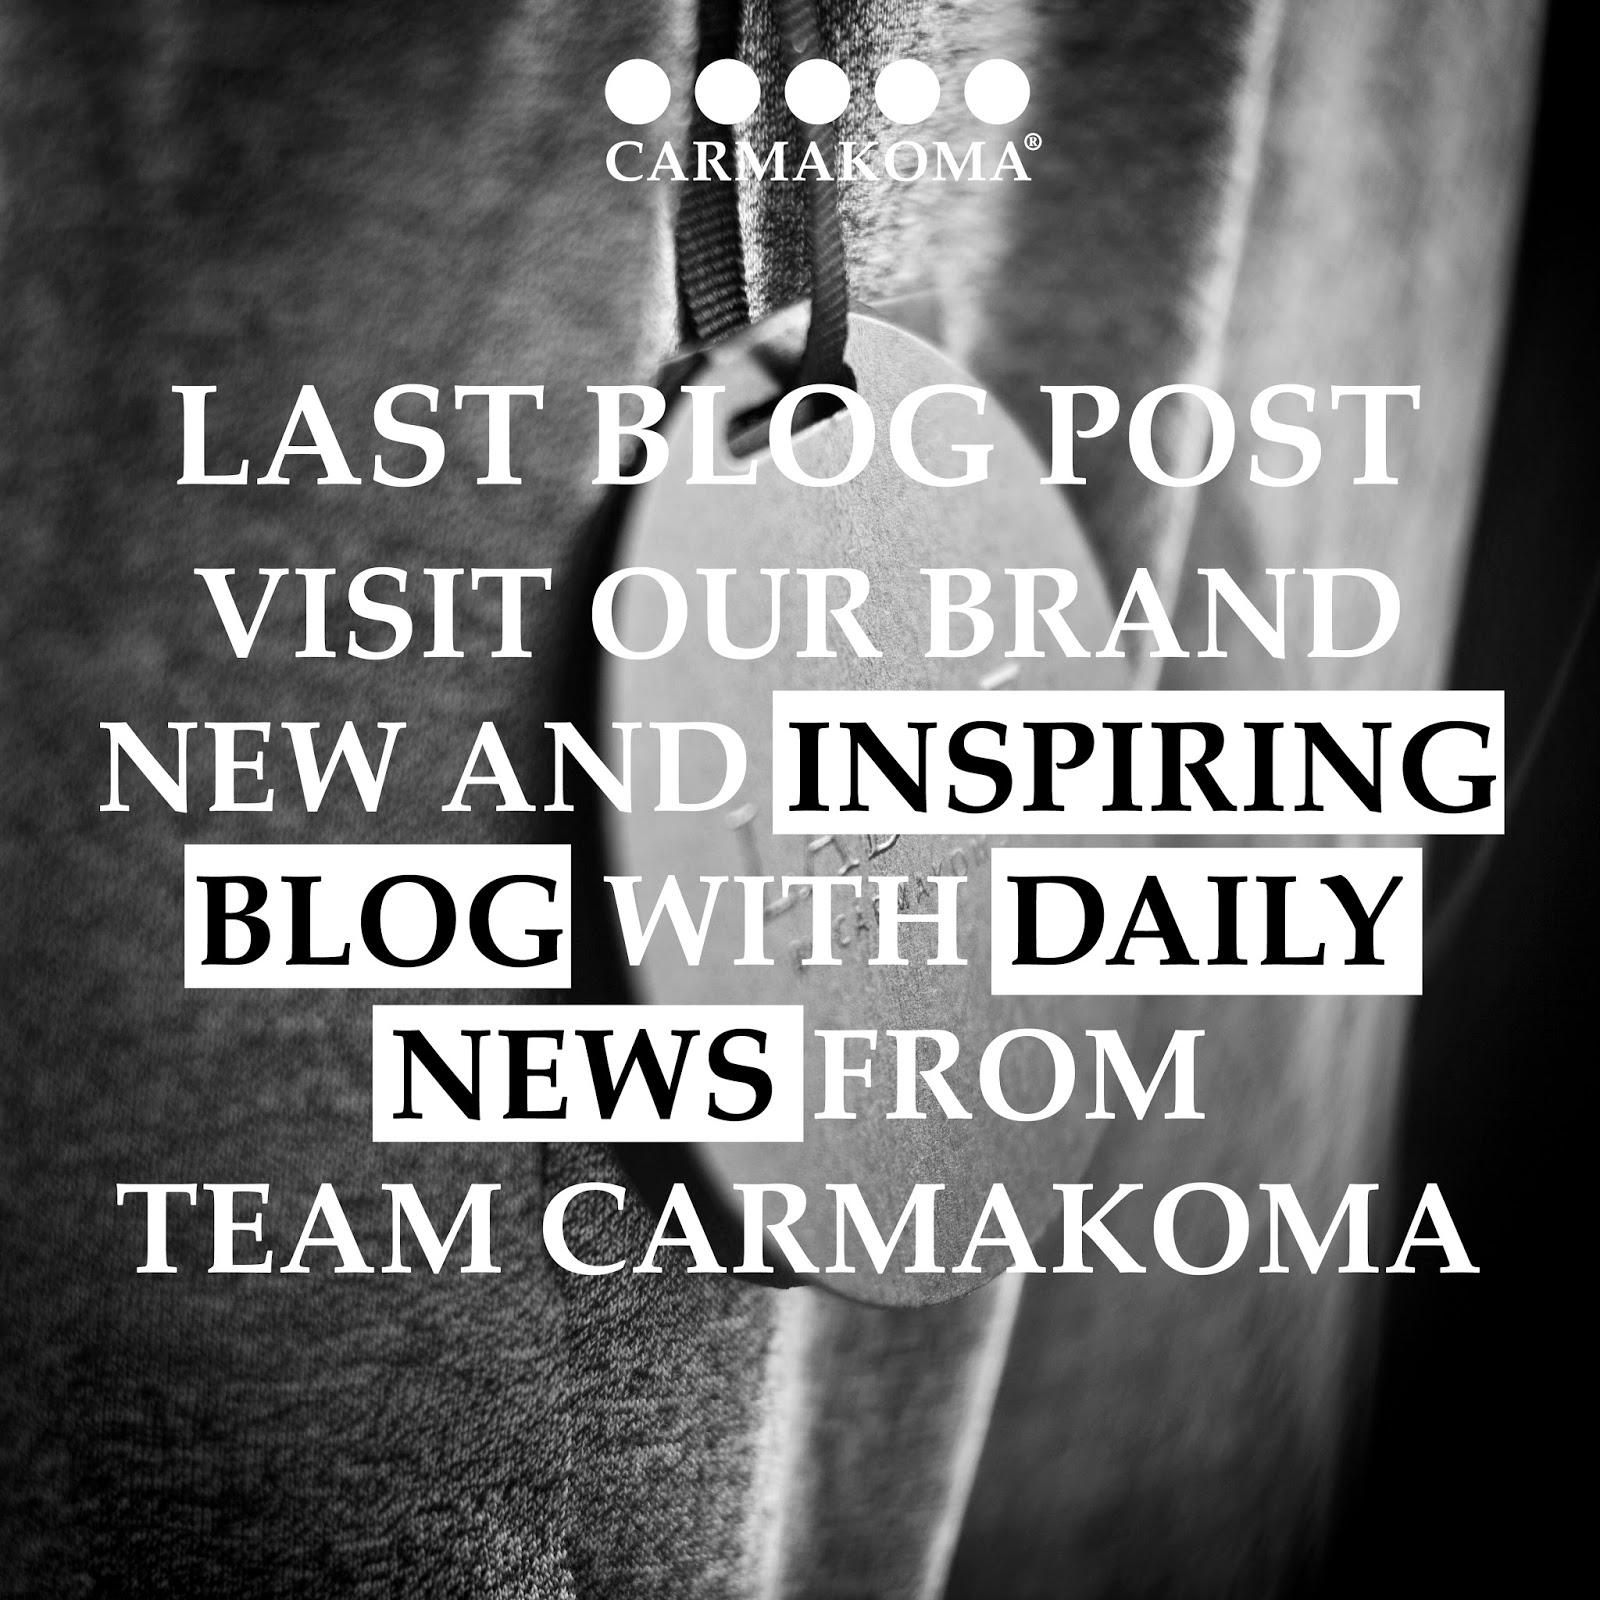 http://carmakomablog.tumblr.com/